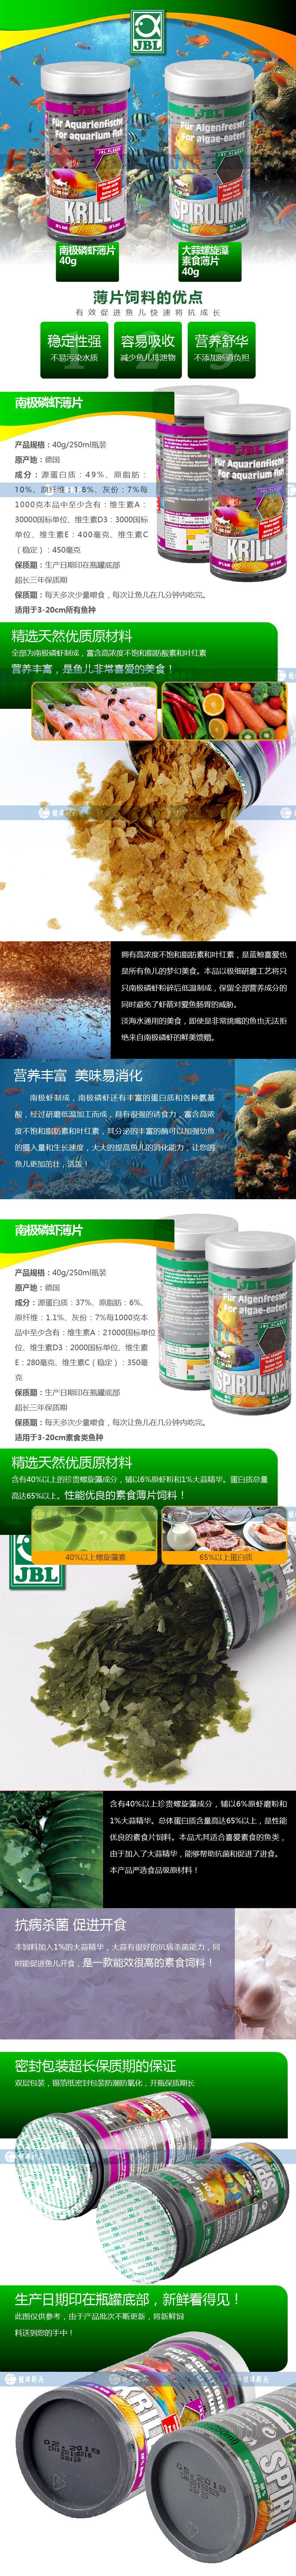 德国进口JBL珍宝银罐南极磷虾大蒜螺旋藻素食薄片饲料淡海水鱼食.jpg